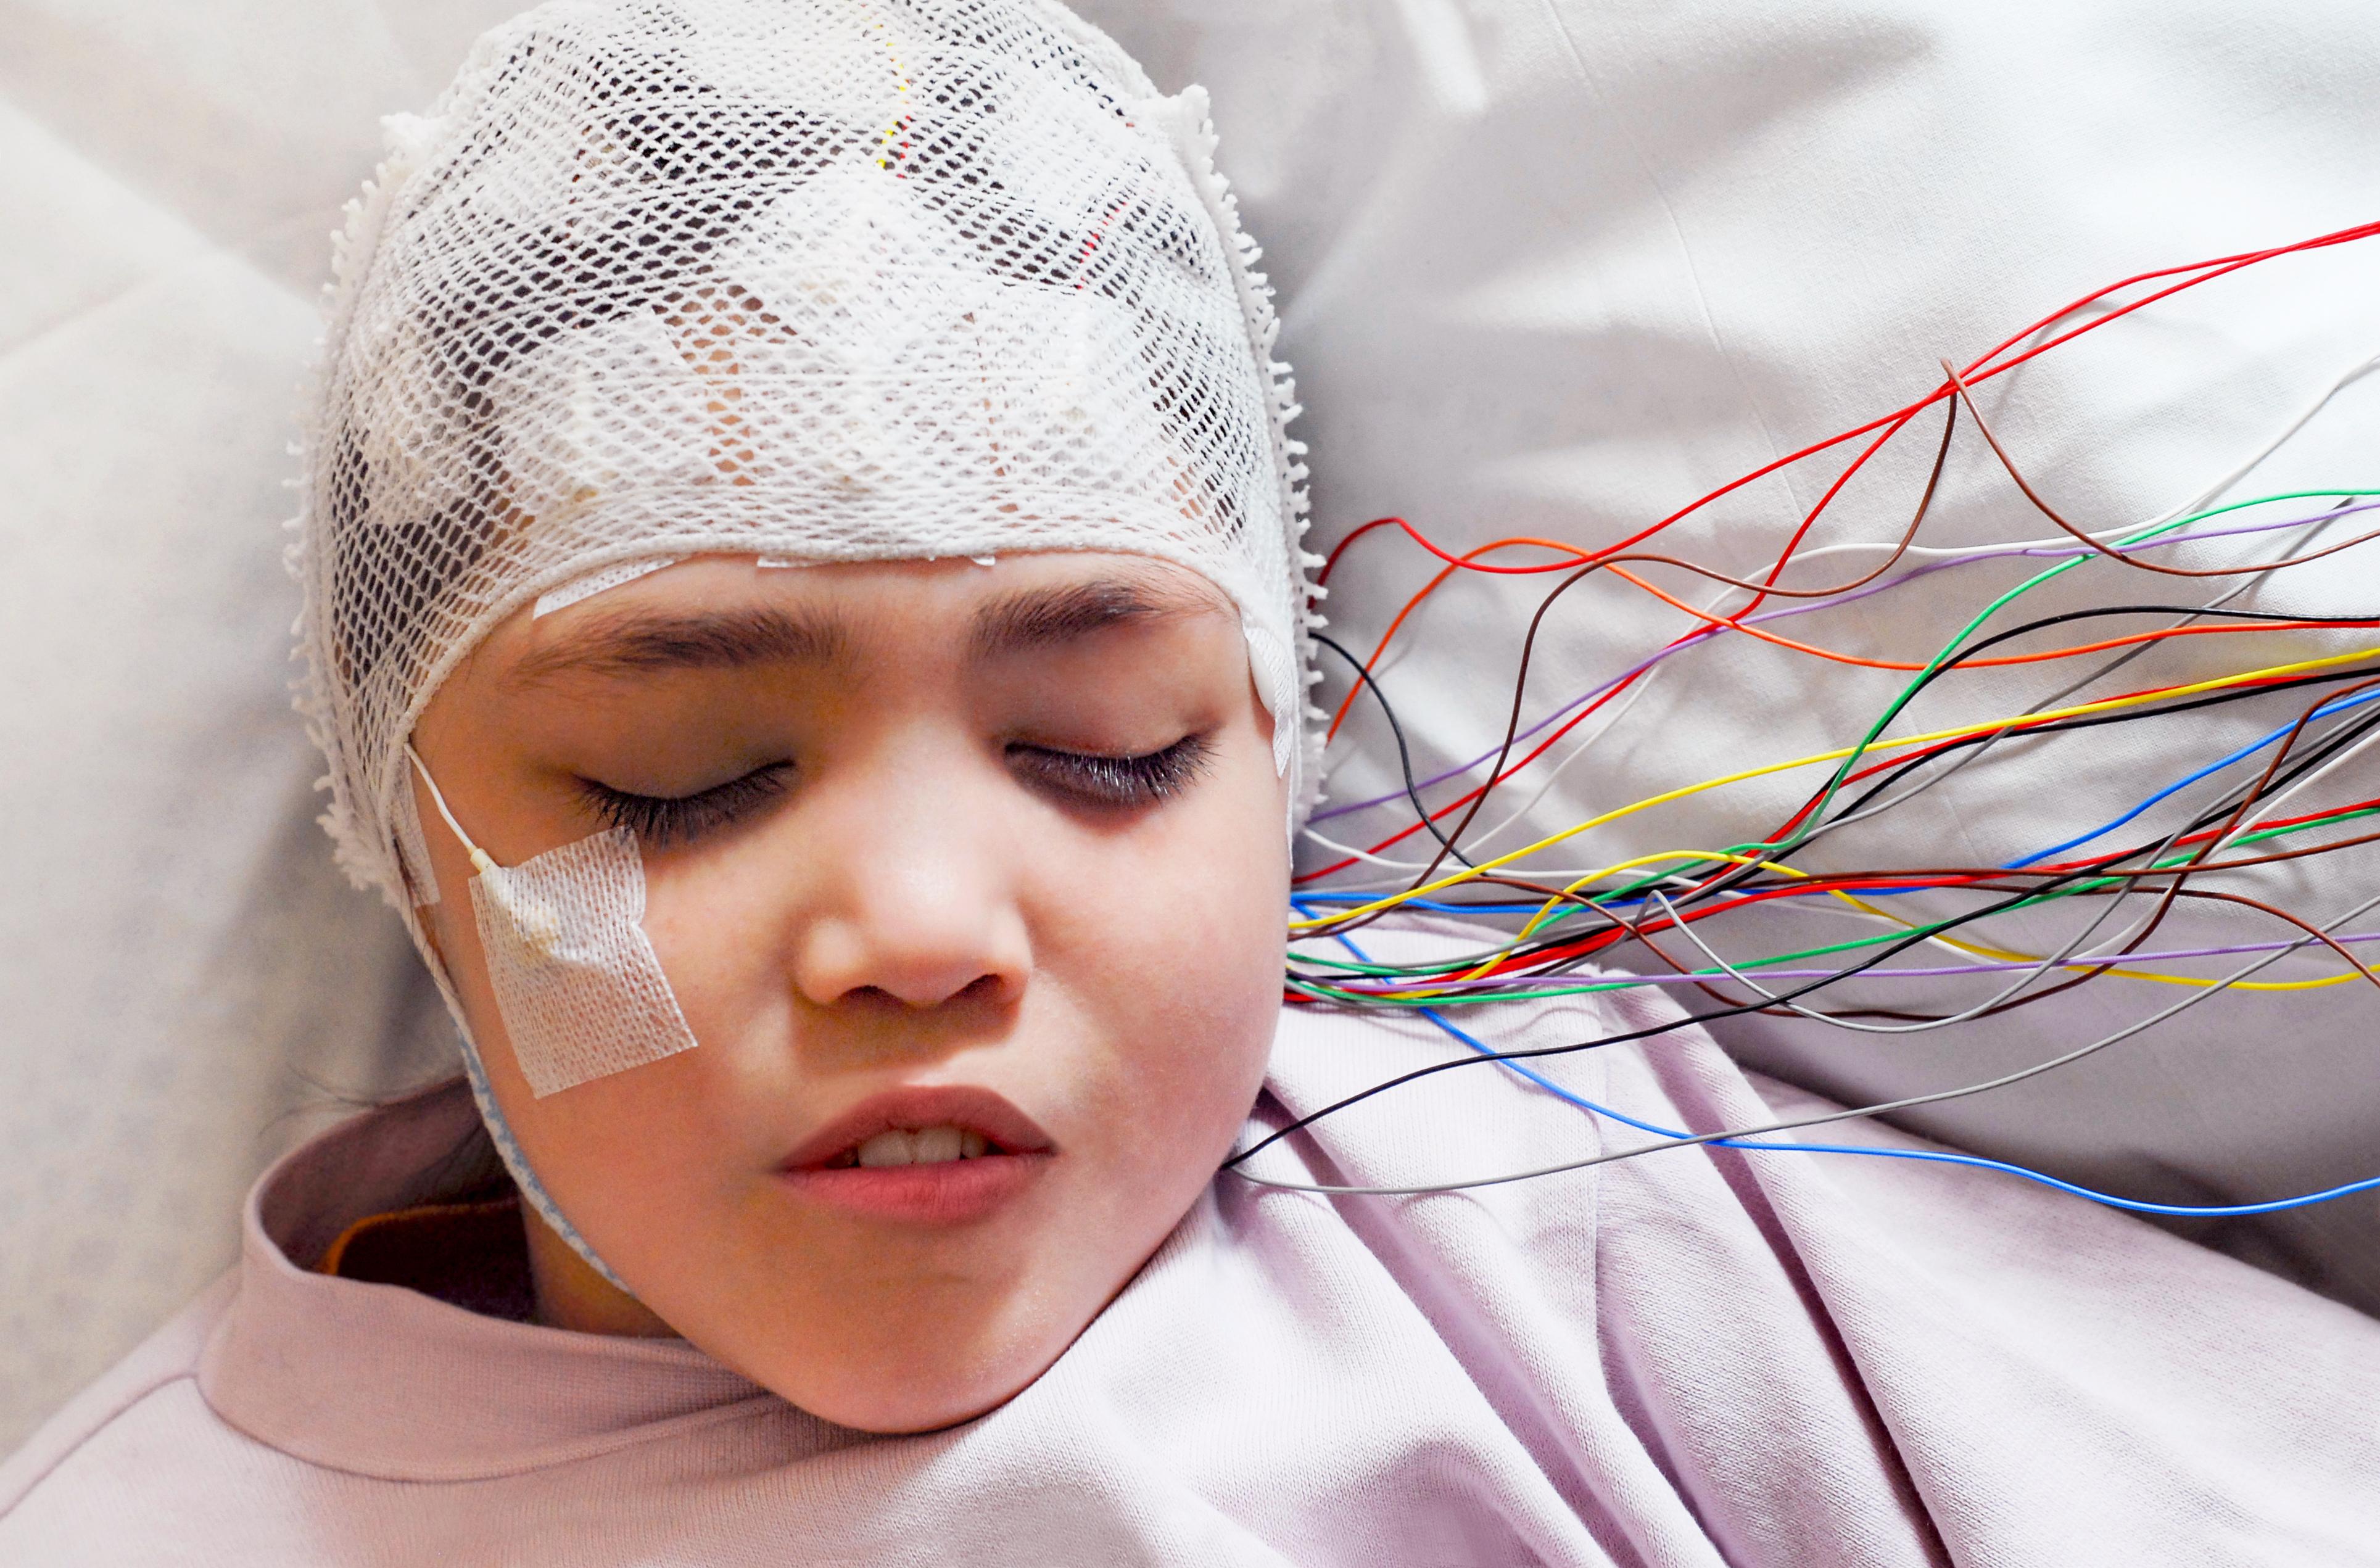 Elektroencefalografi (EEG) är en metod för att registrera hjärnbarkens spontana elektriska aktivitet med hjälp av elektroder som vanligtvis klistras fast på skalpen.